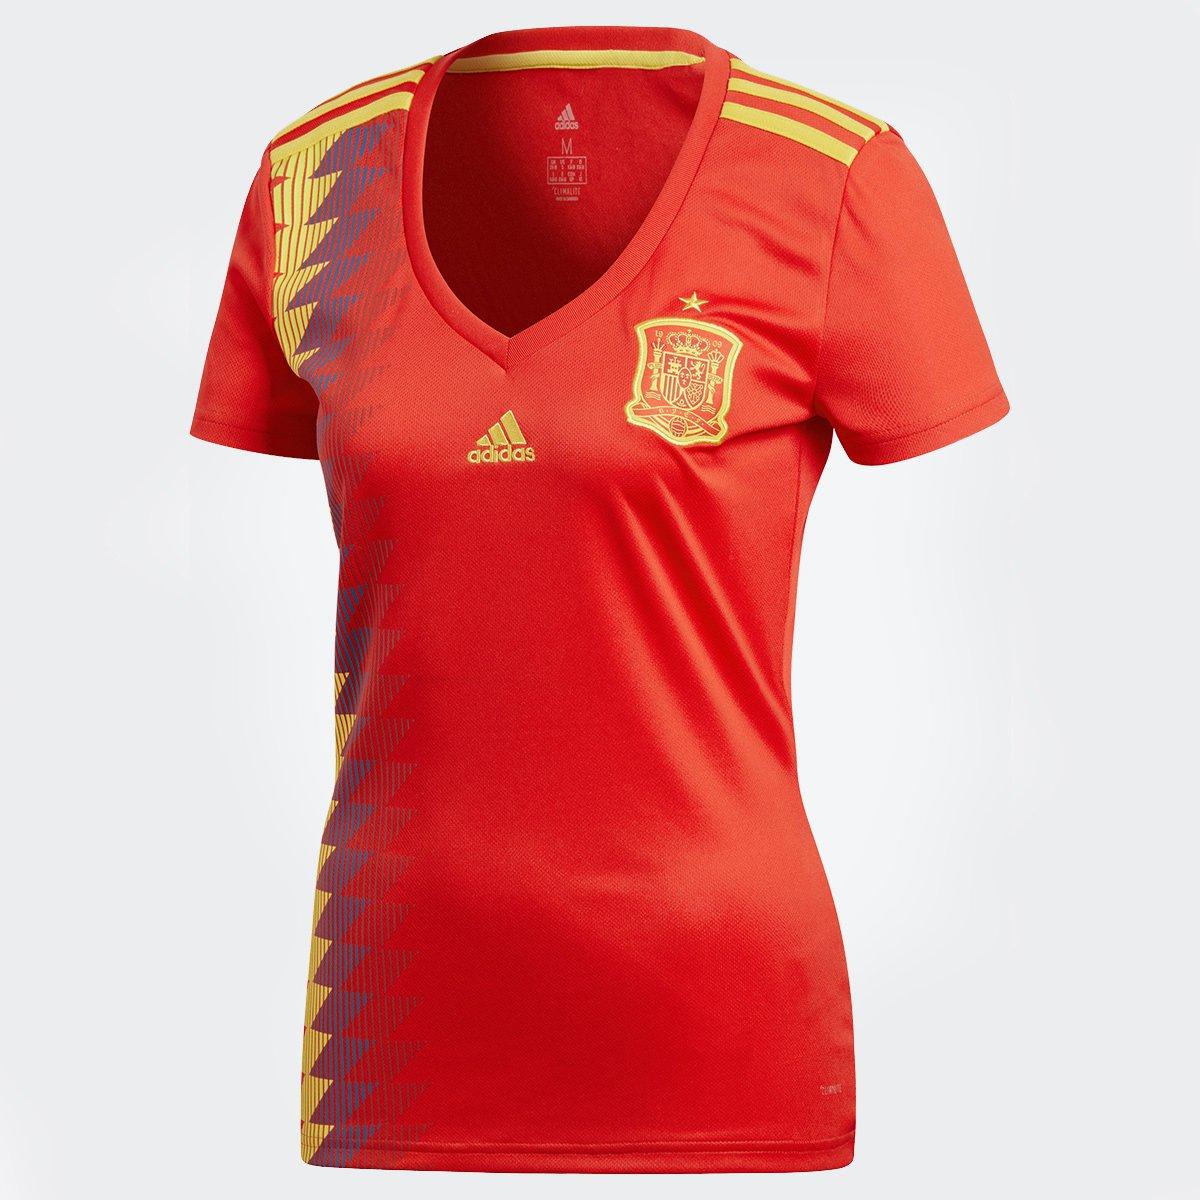 de74332516 Camisa Seleção Espanha Home 2018 s n° Torcedor Adidas Feminina